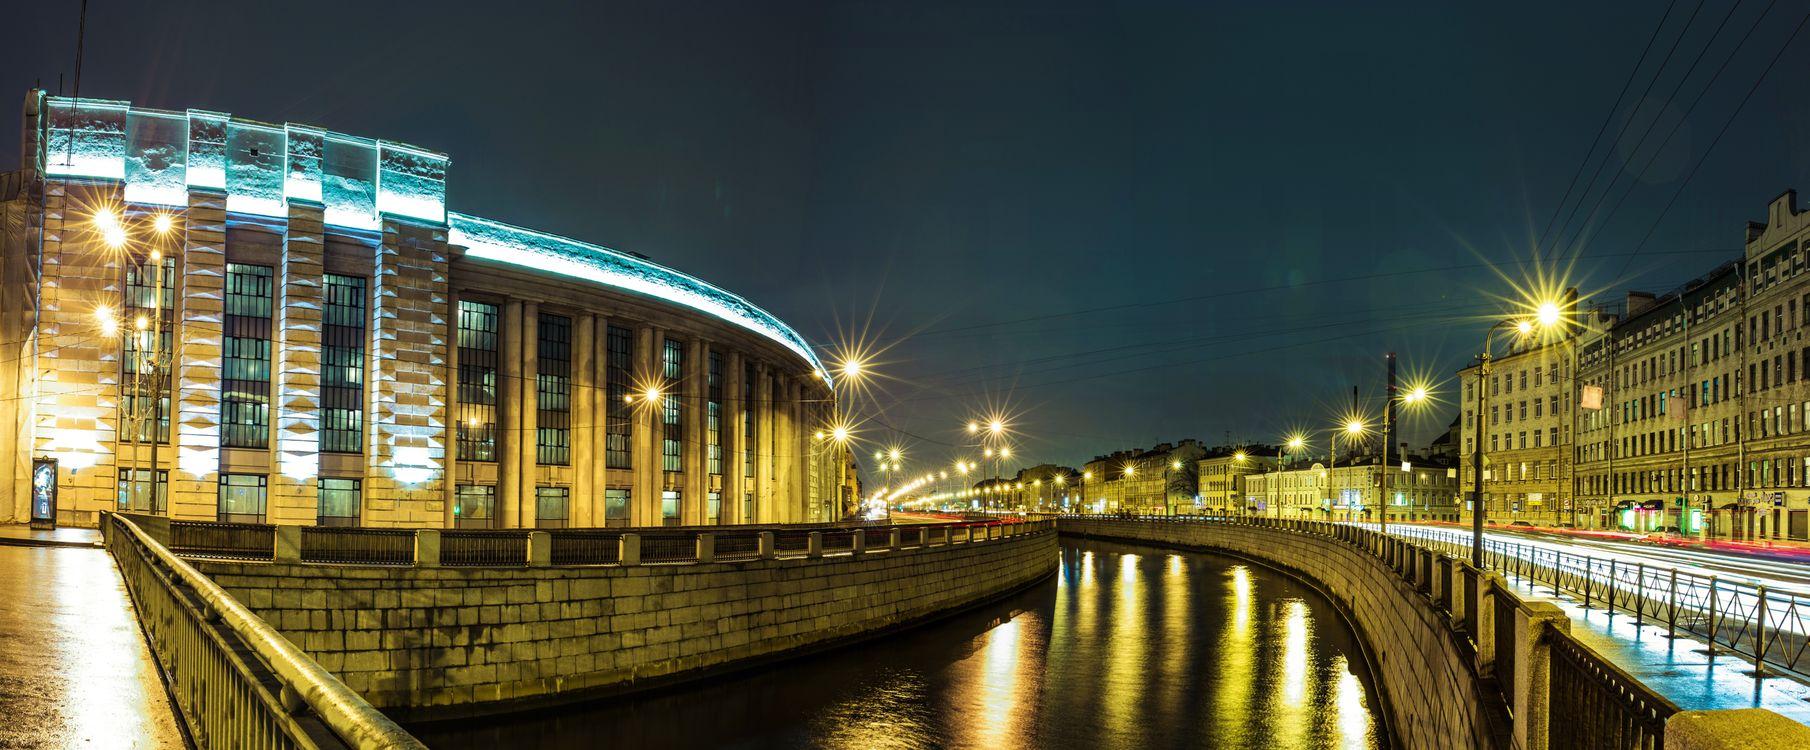 Фото бесплатно Санкт-Петербург, Россия, город, ночь, иллюминация, панорама, город